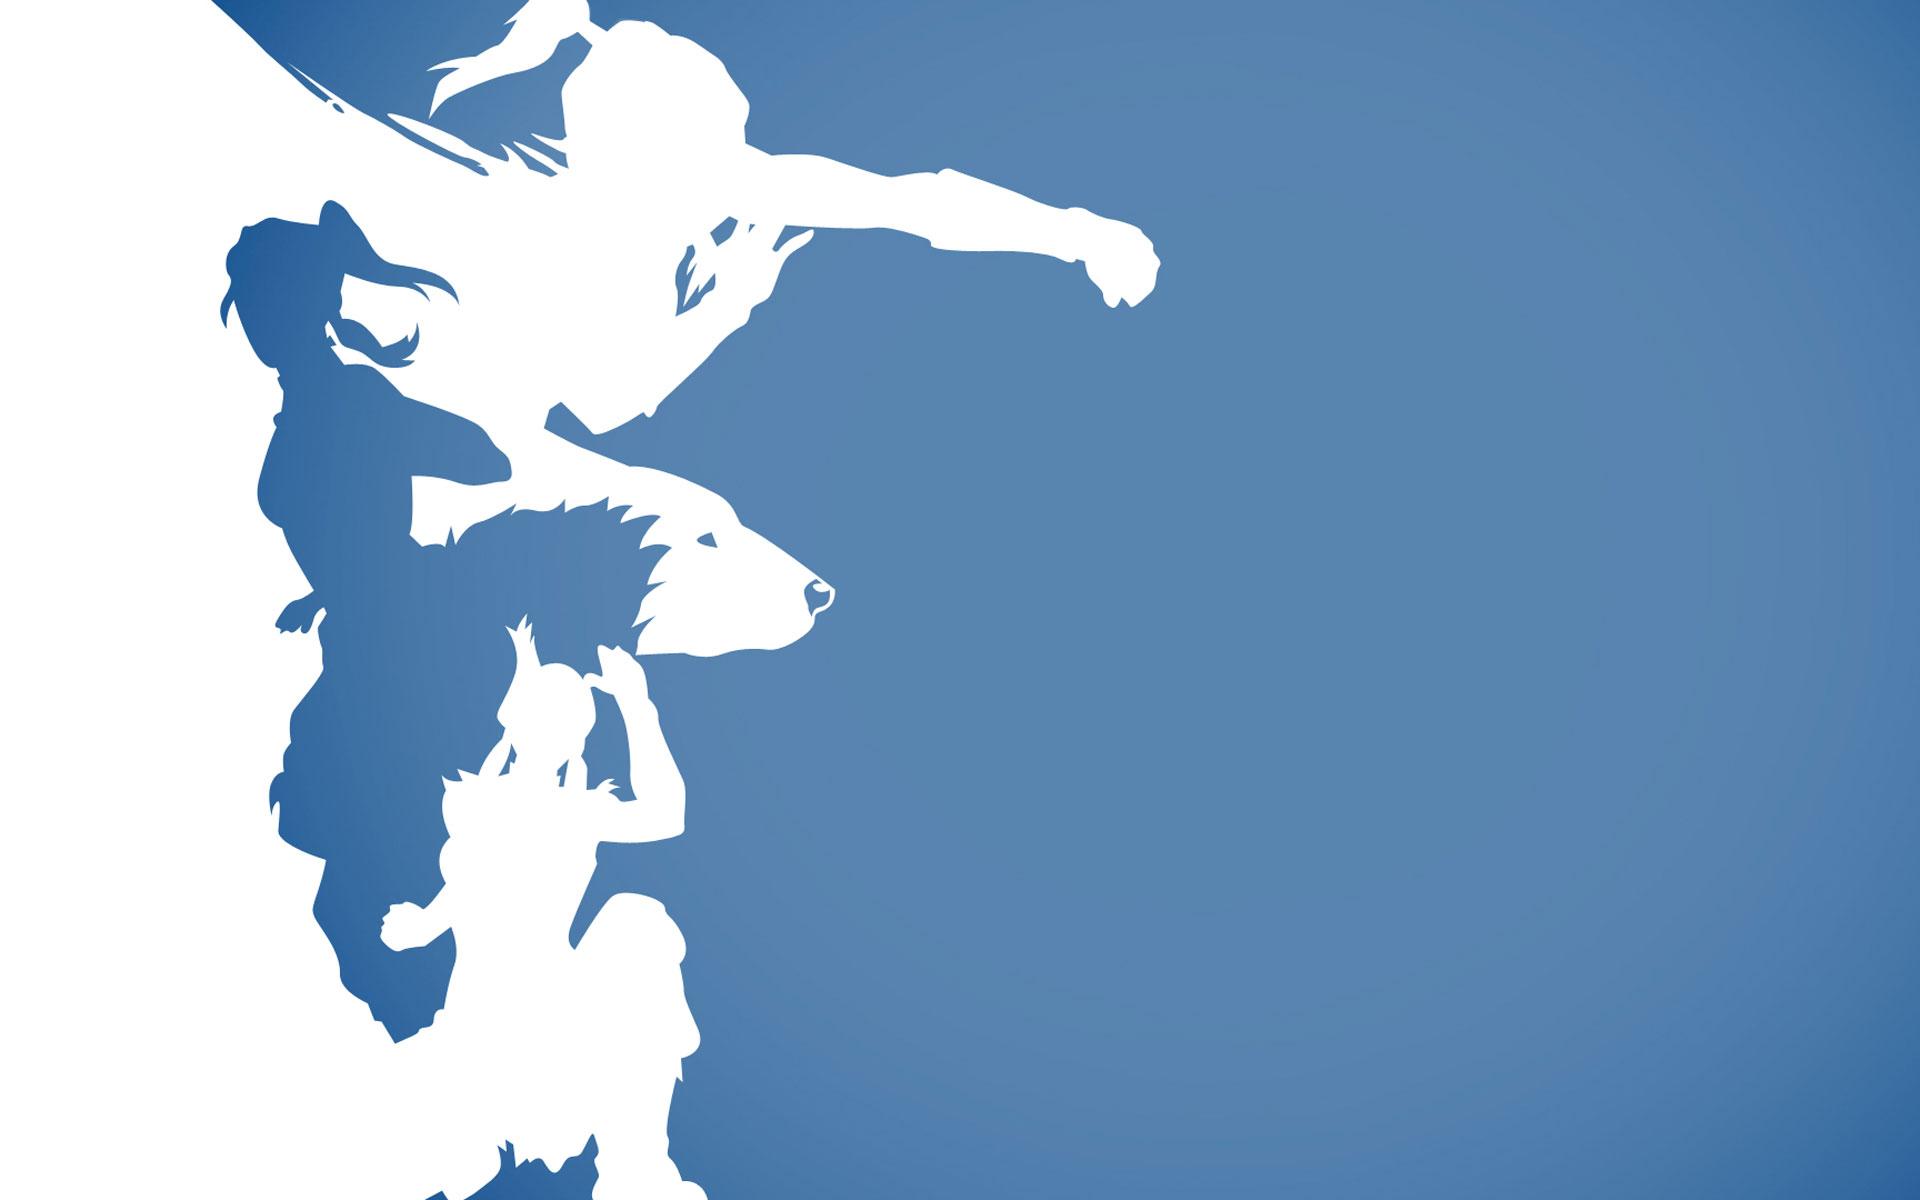 Legend Of Korra HD Wallpaper